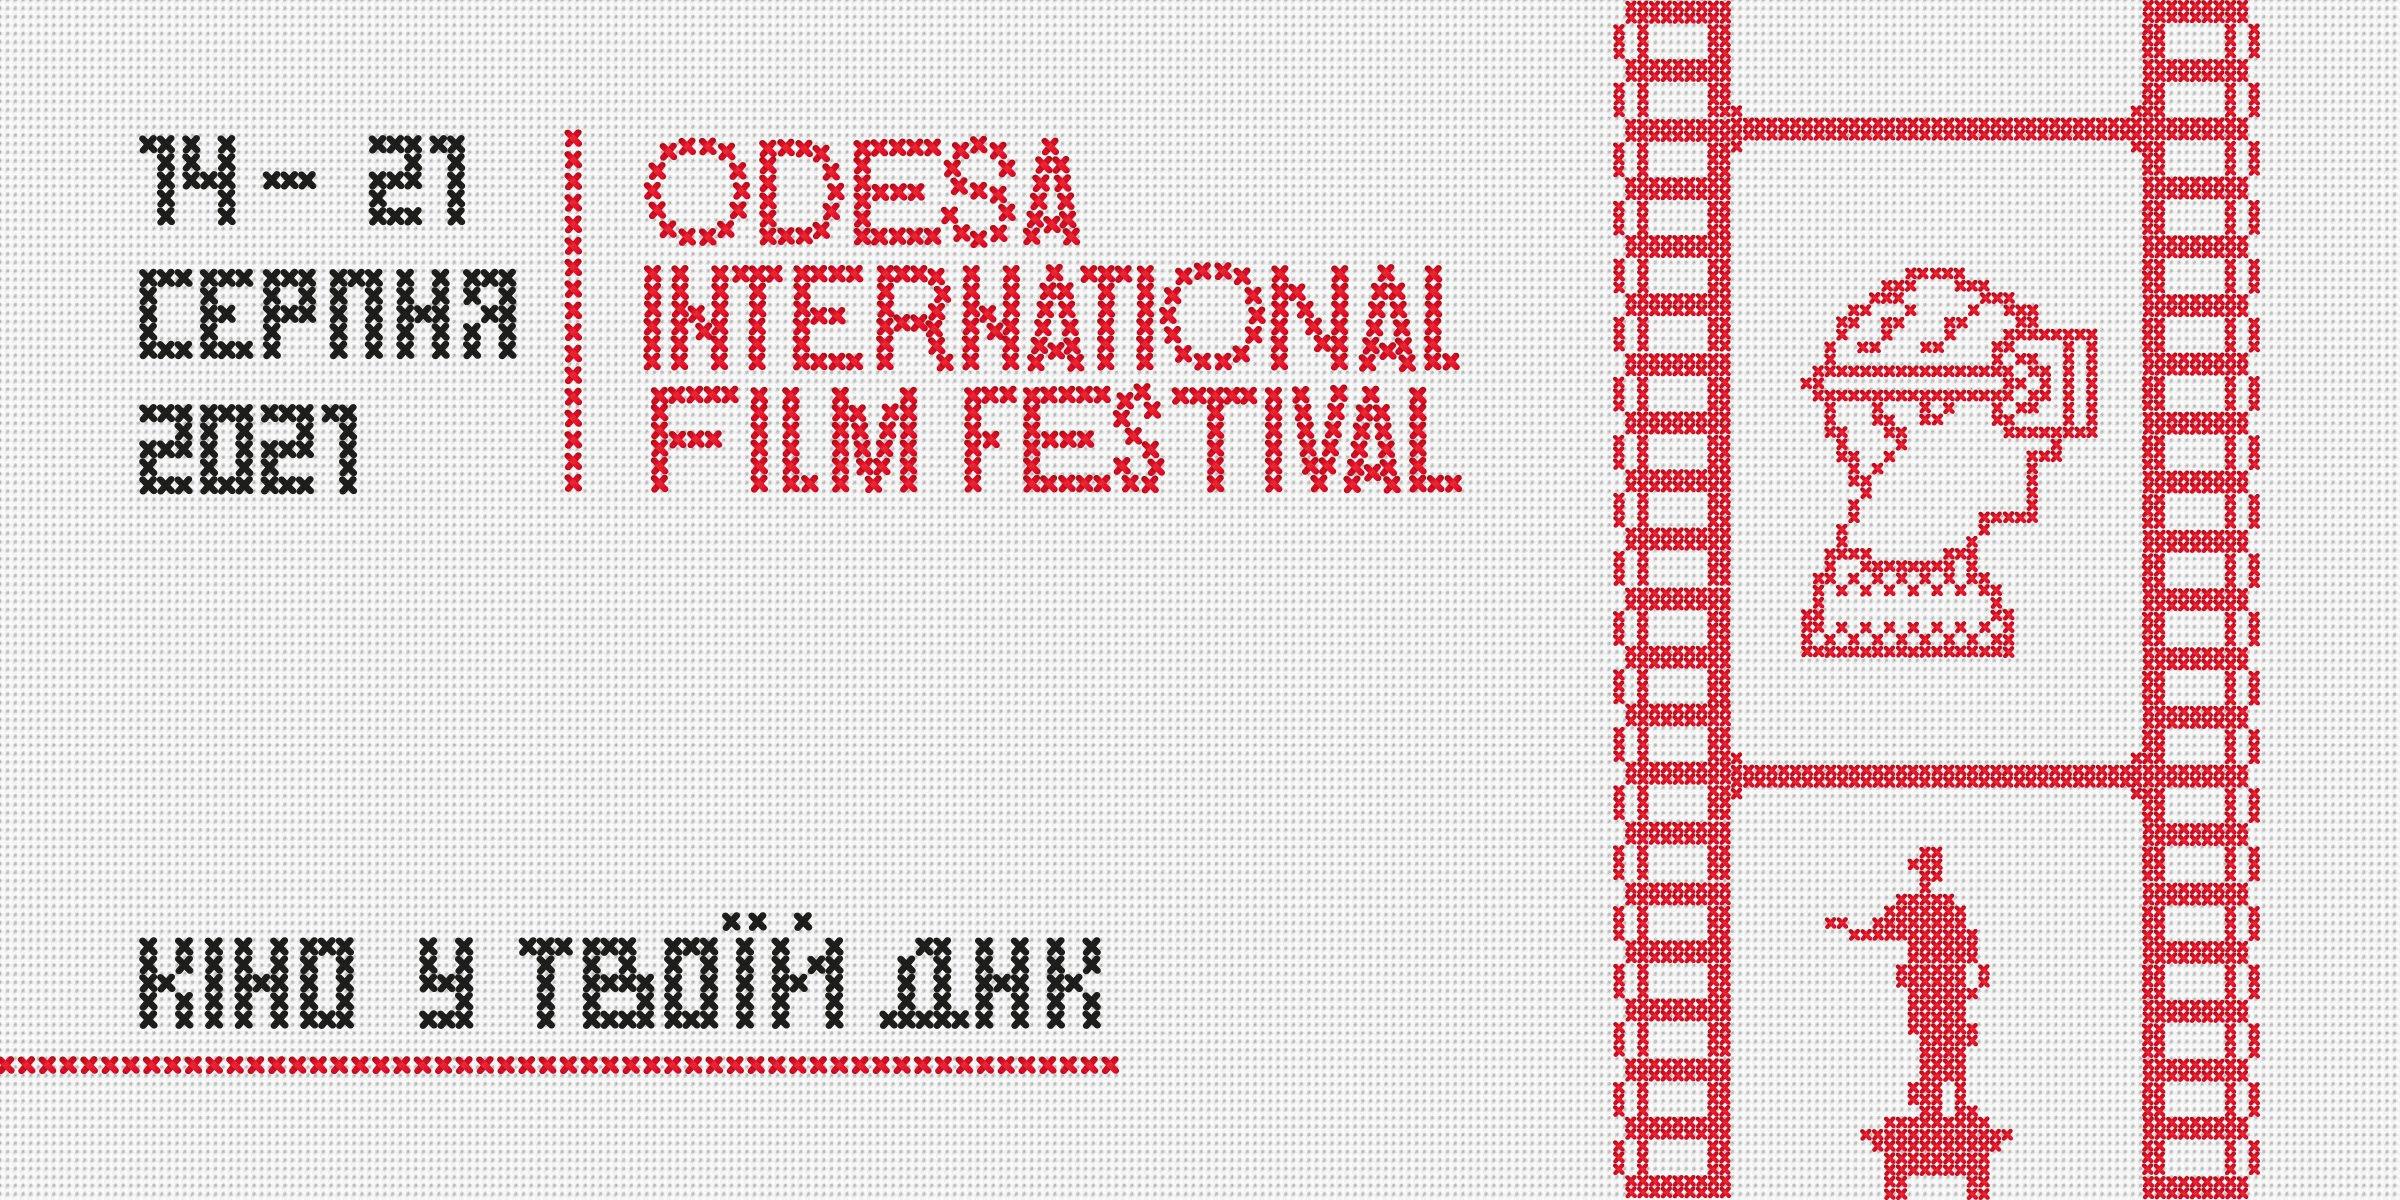 12-й Одеський міжнародний кінофестиваль представляє офіційний постер фестивалю